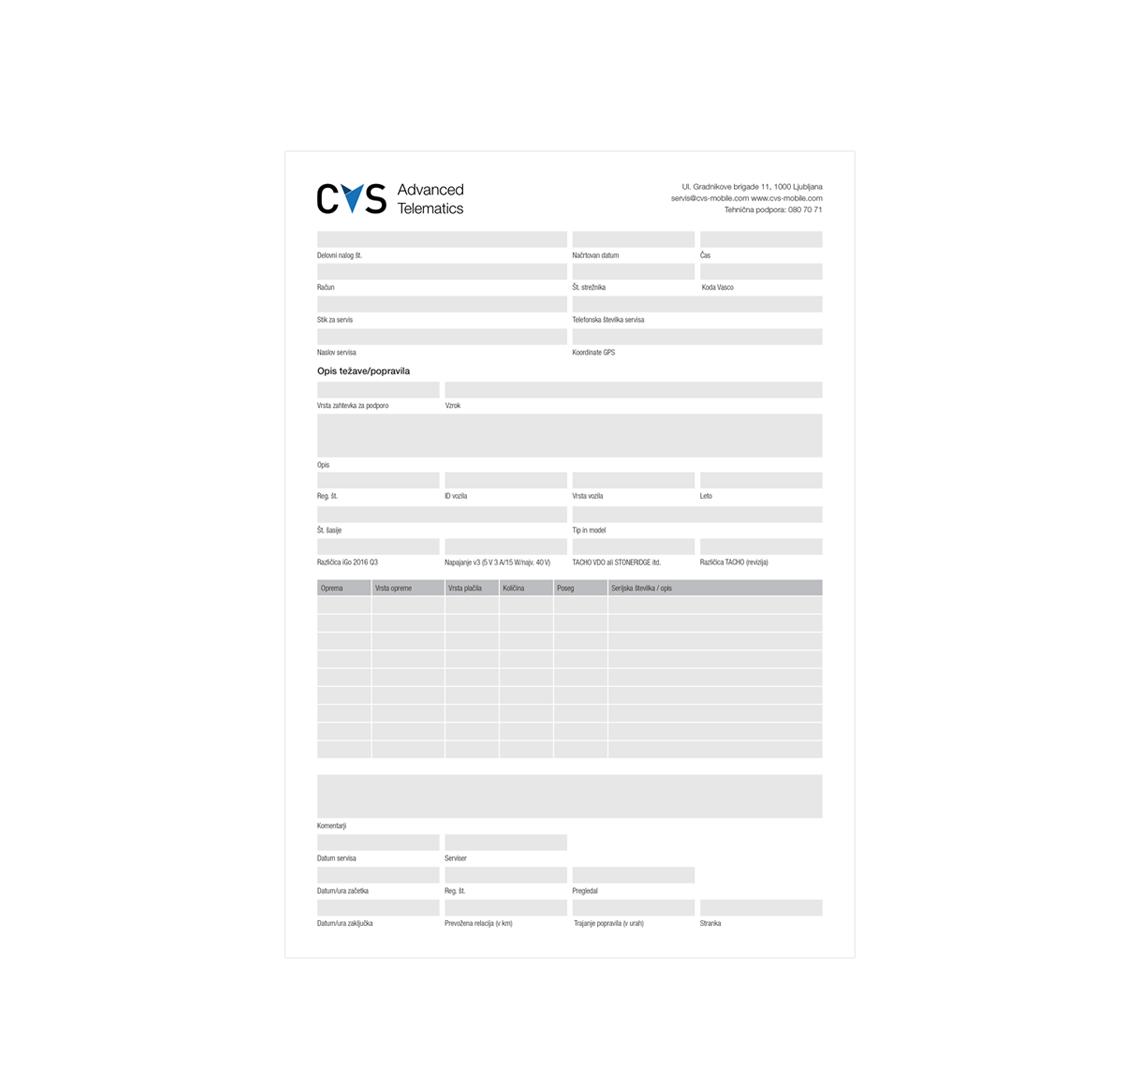 Delovni nalog CVS Mobile